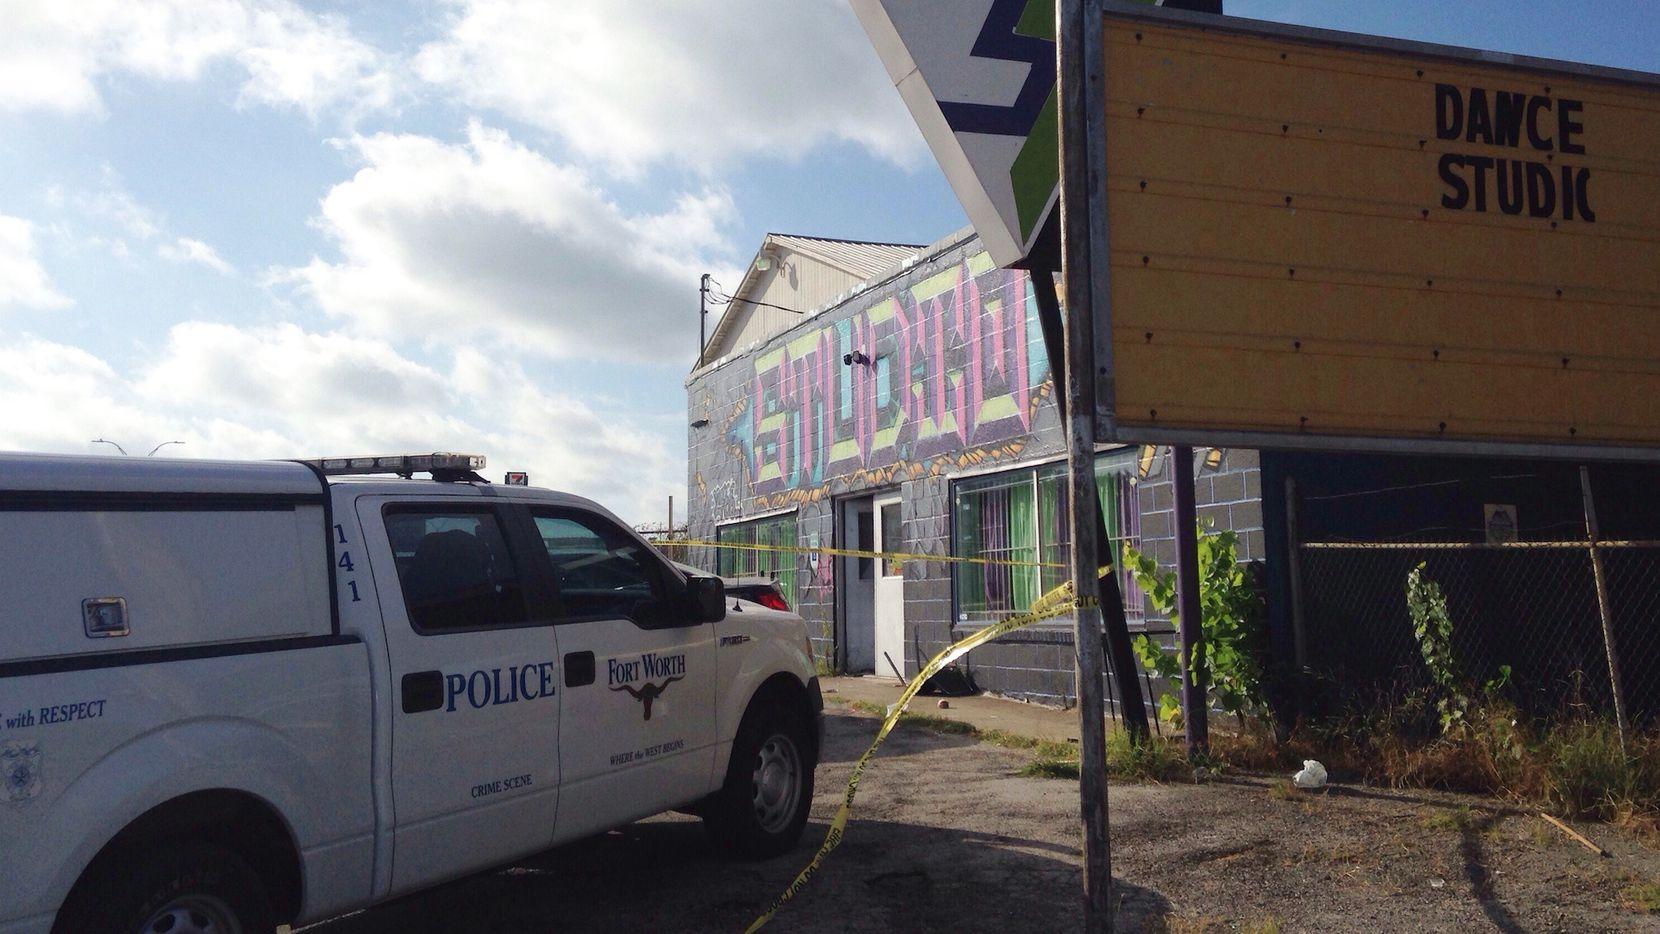 Un vehículo policial frente a un estudio de danza en Fort Worth, Texas, donde ocurrió un tiroteo el sábado 25 de junio del 2016. (AP Photo/Emily Schmall)